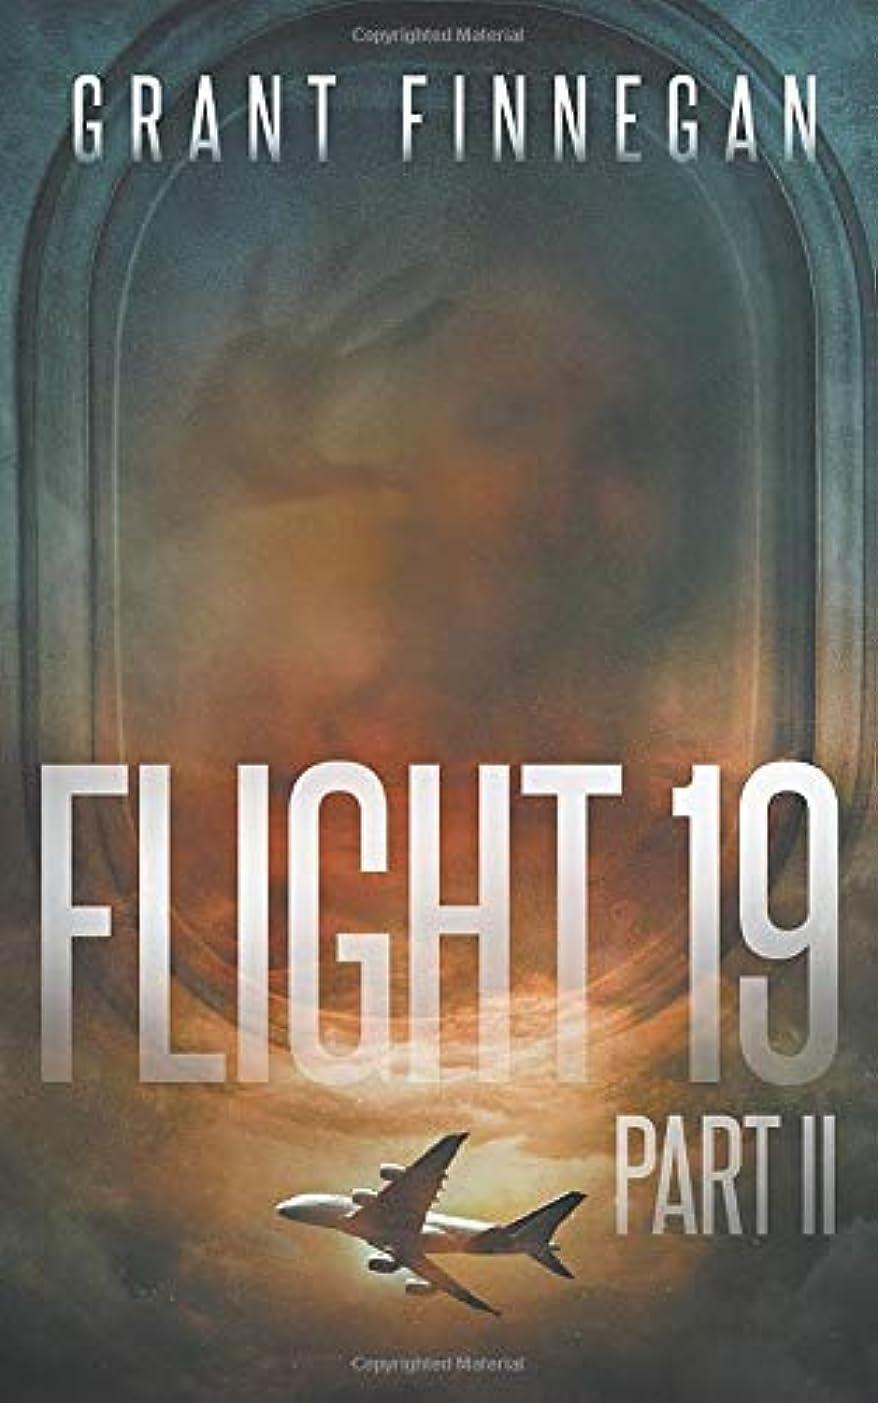 午後実質的に移行Flight 19, Part II